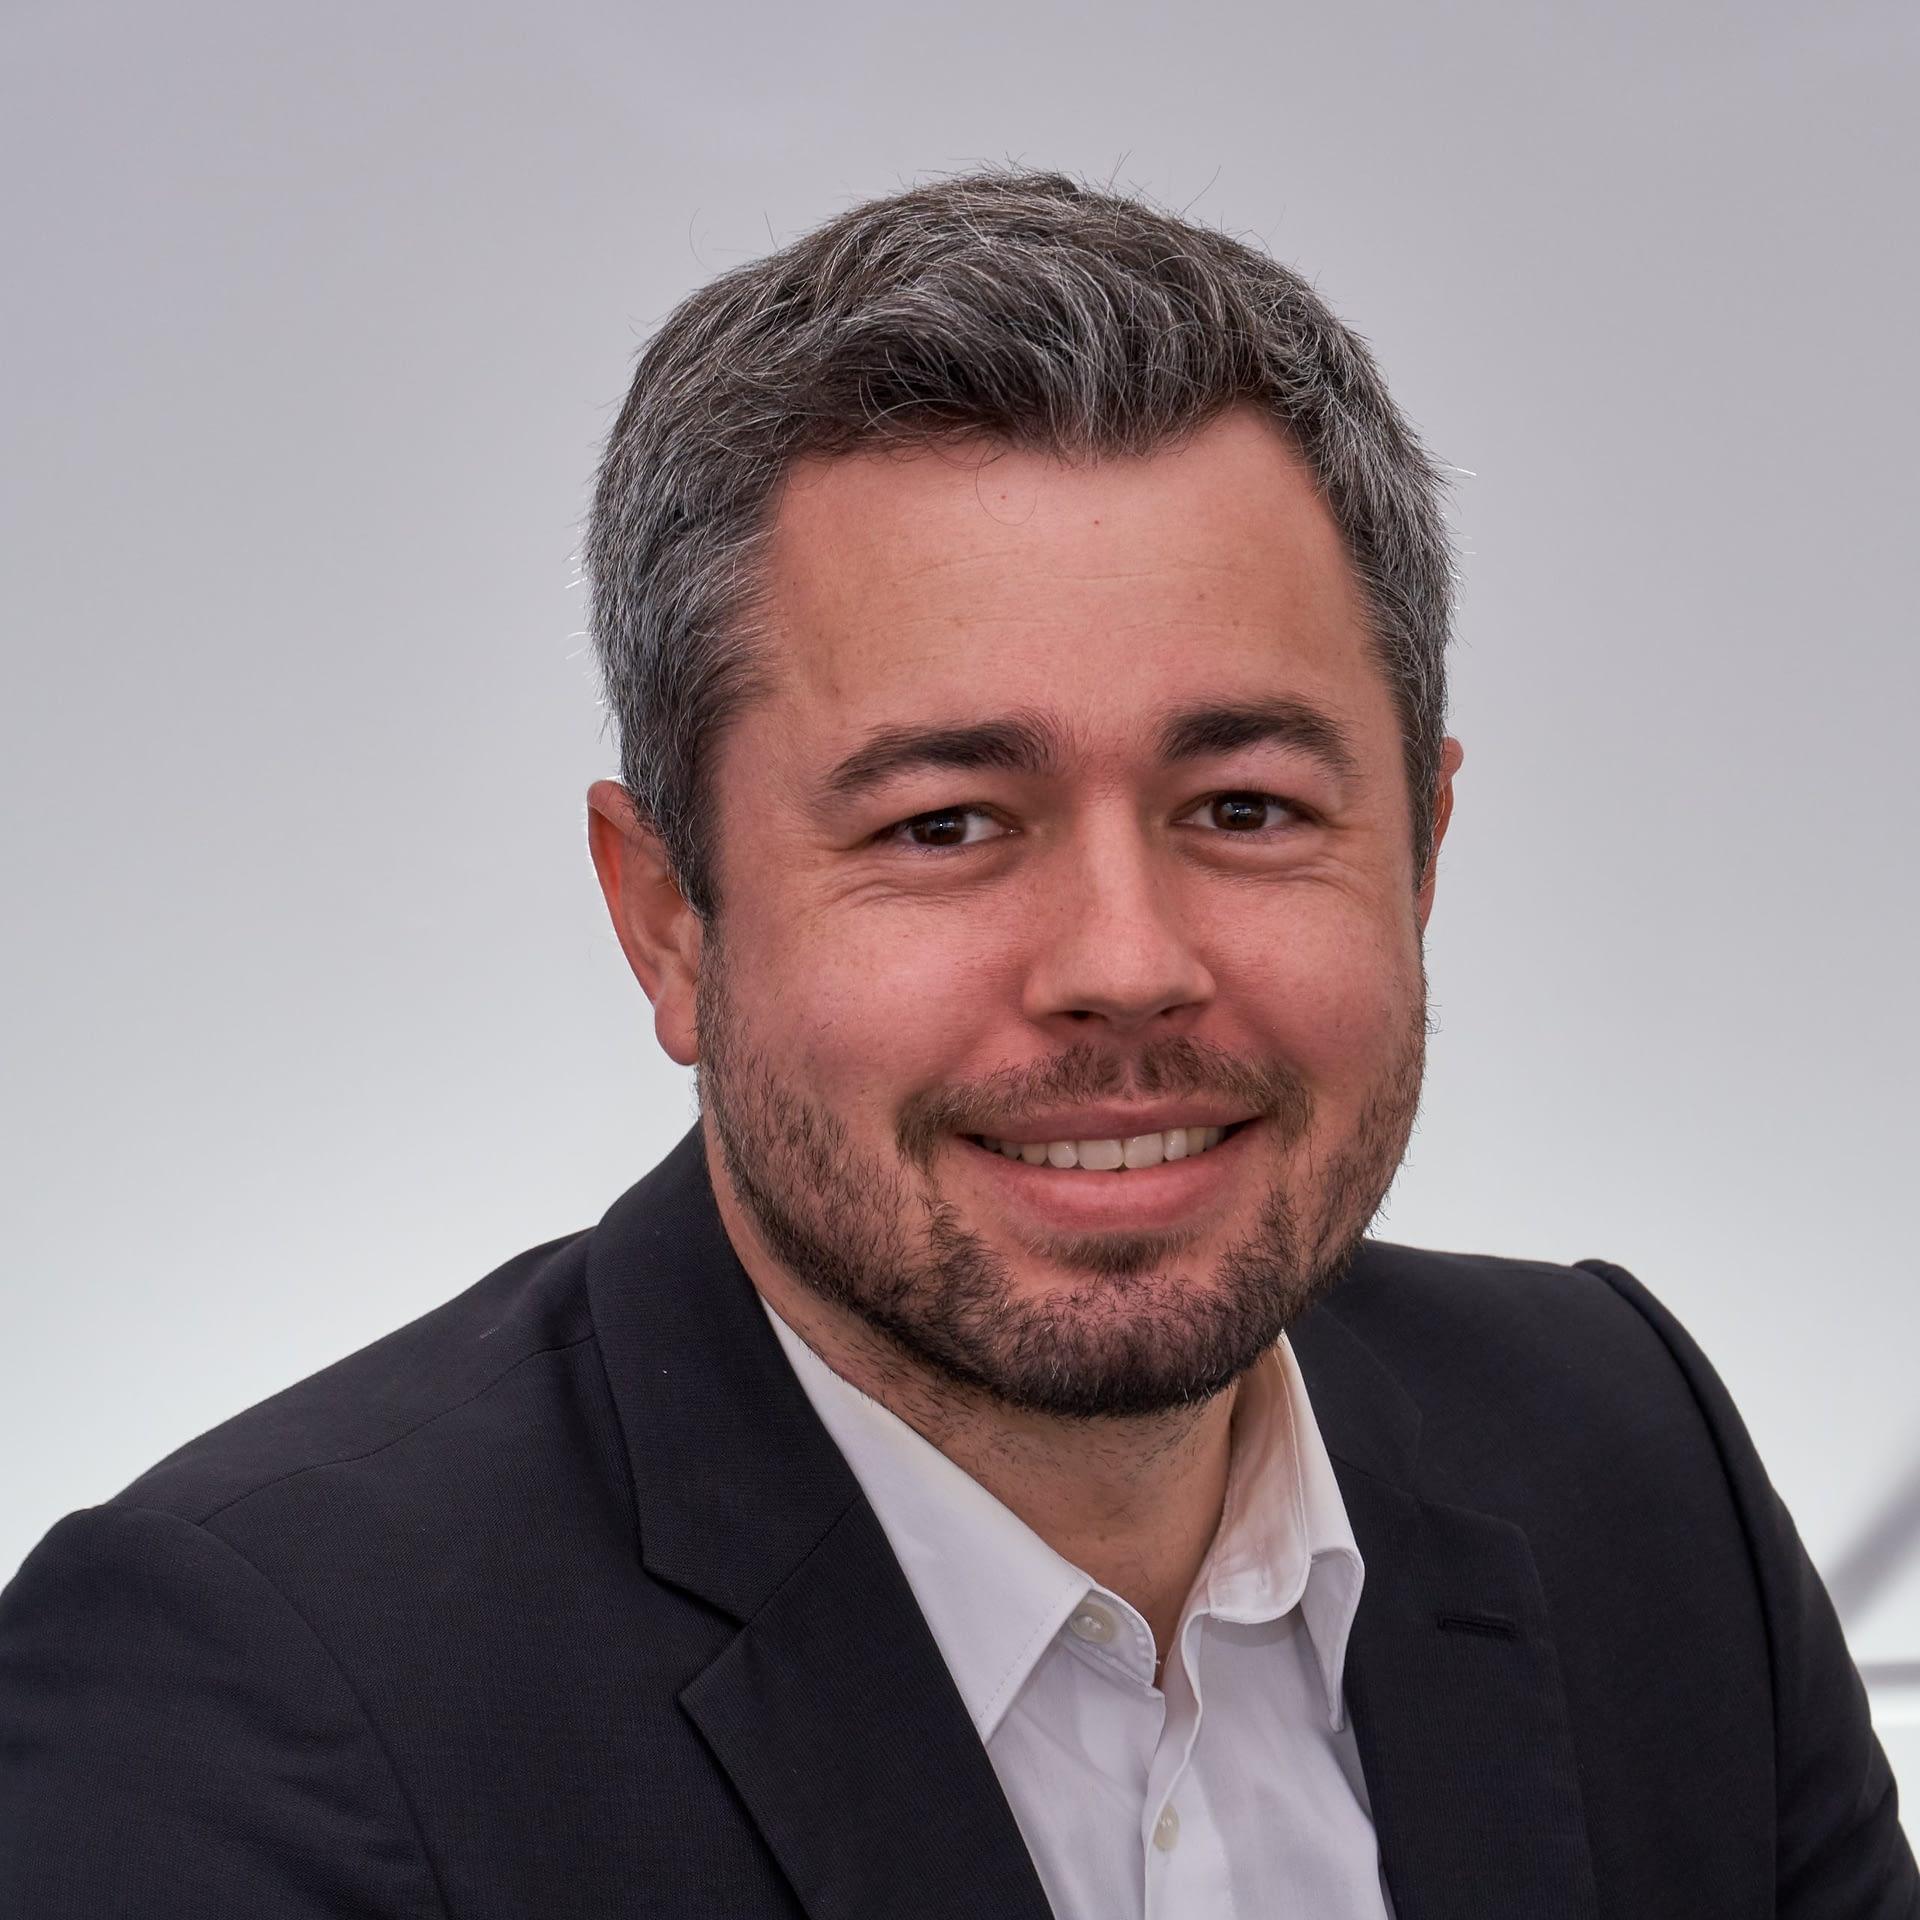 Dr.-Ing. Marc Veigel